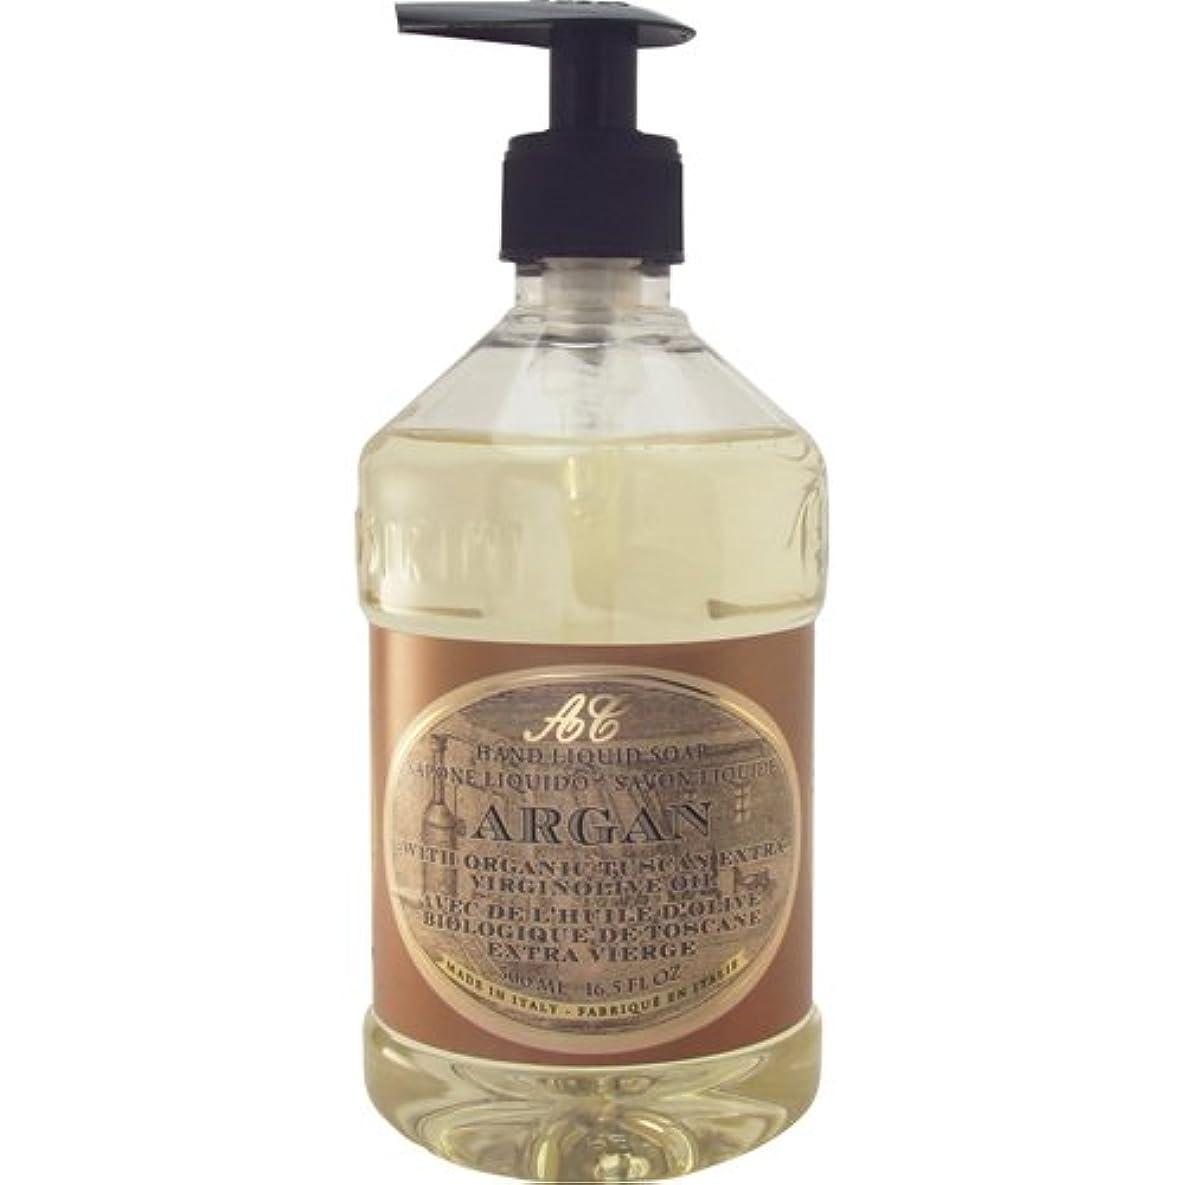 リスナーホース分類Saponerire Fissi レトロシリーズ Liquid Soap リキッドソープ 500ml Argan アルガンオイル